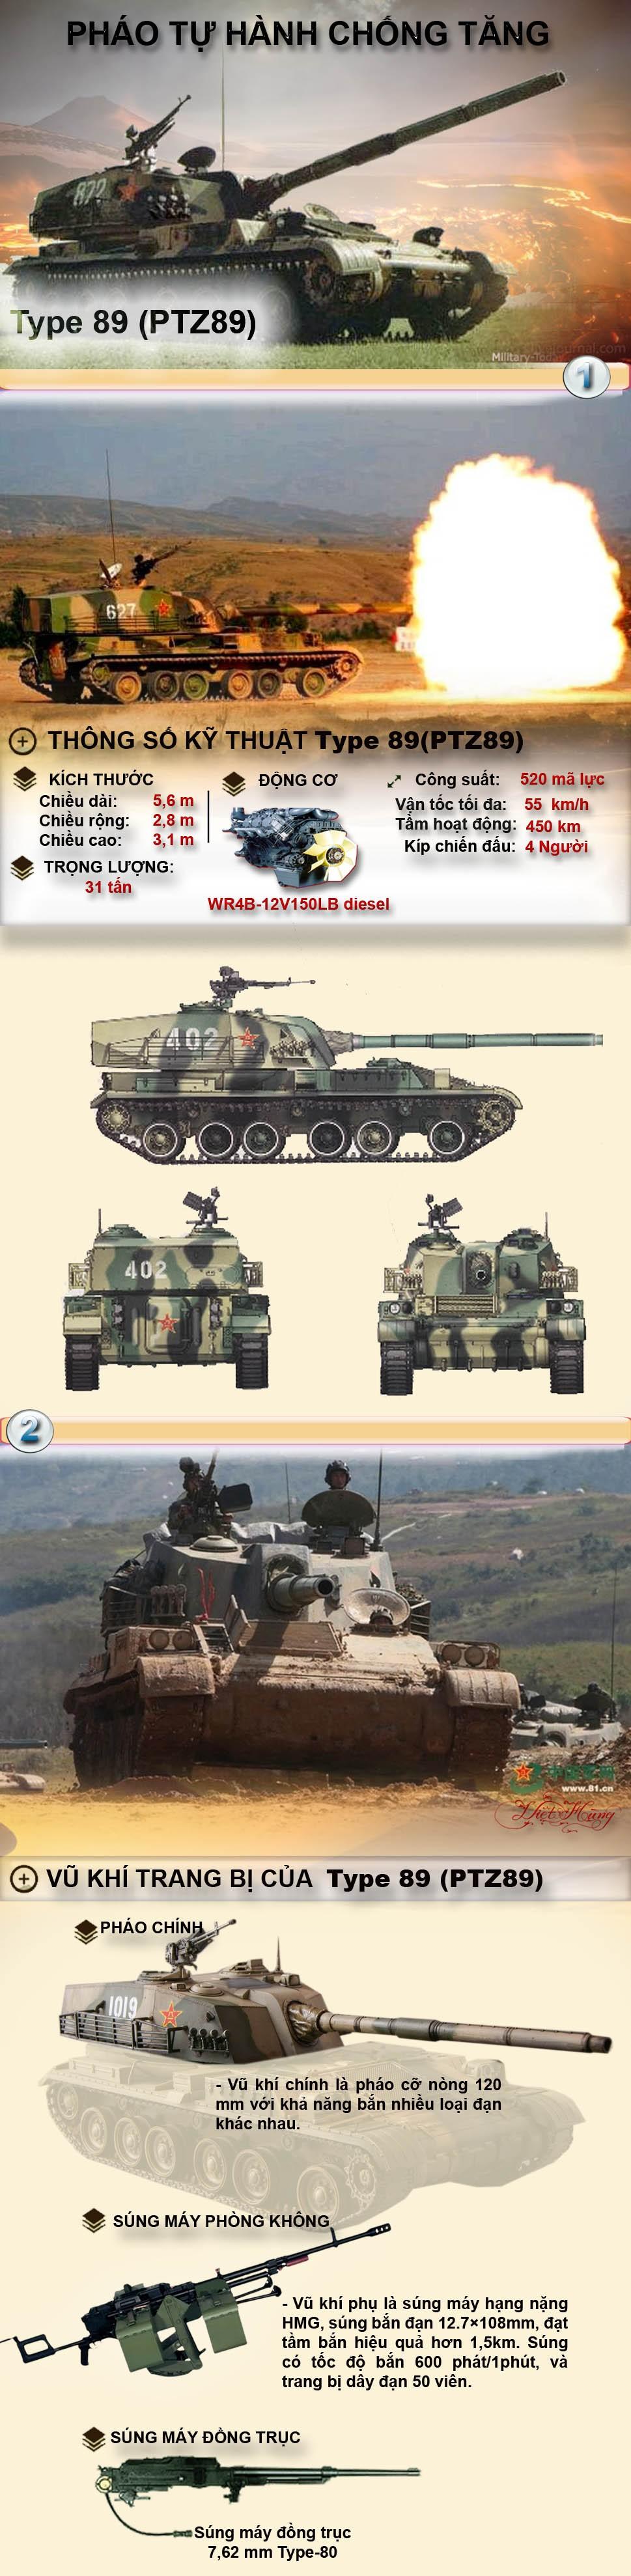 """[Infographic] Trung Quốc """"sa thải"""" pháo tự hành chống tăng Type 89 ảnh 1"""